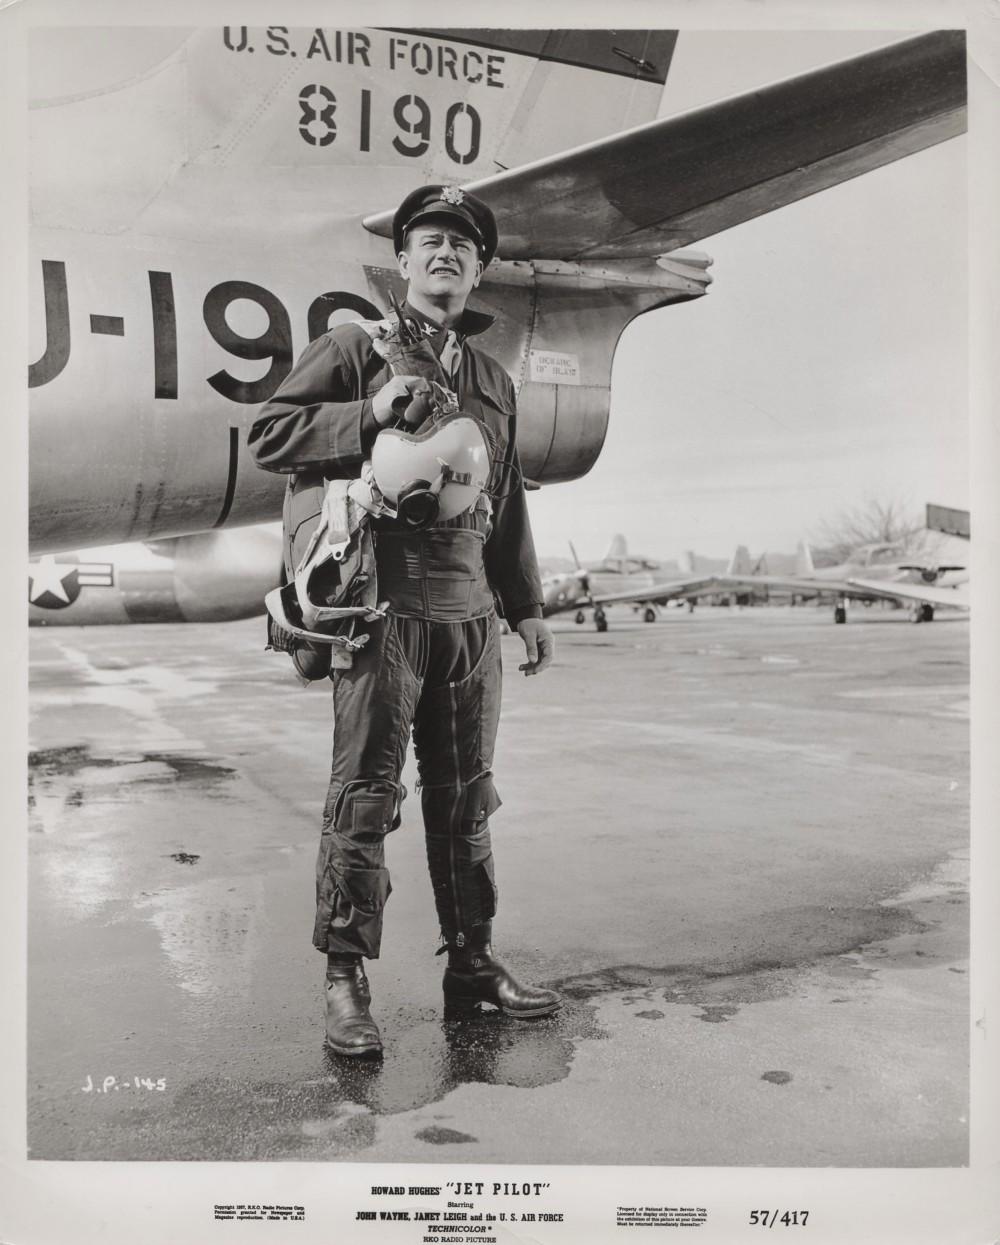 Les espions s'amusent - Jet pilot - 1957 - Page 3 Wayn1044